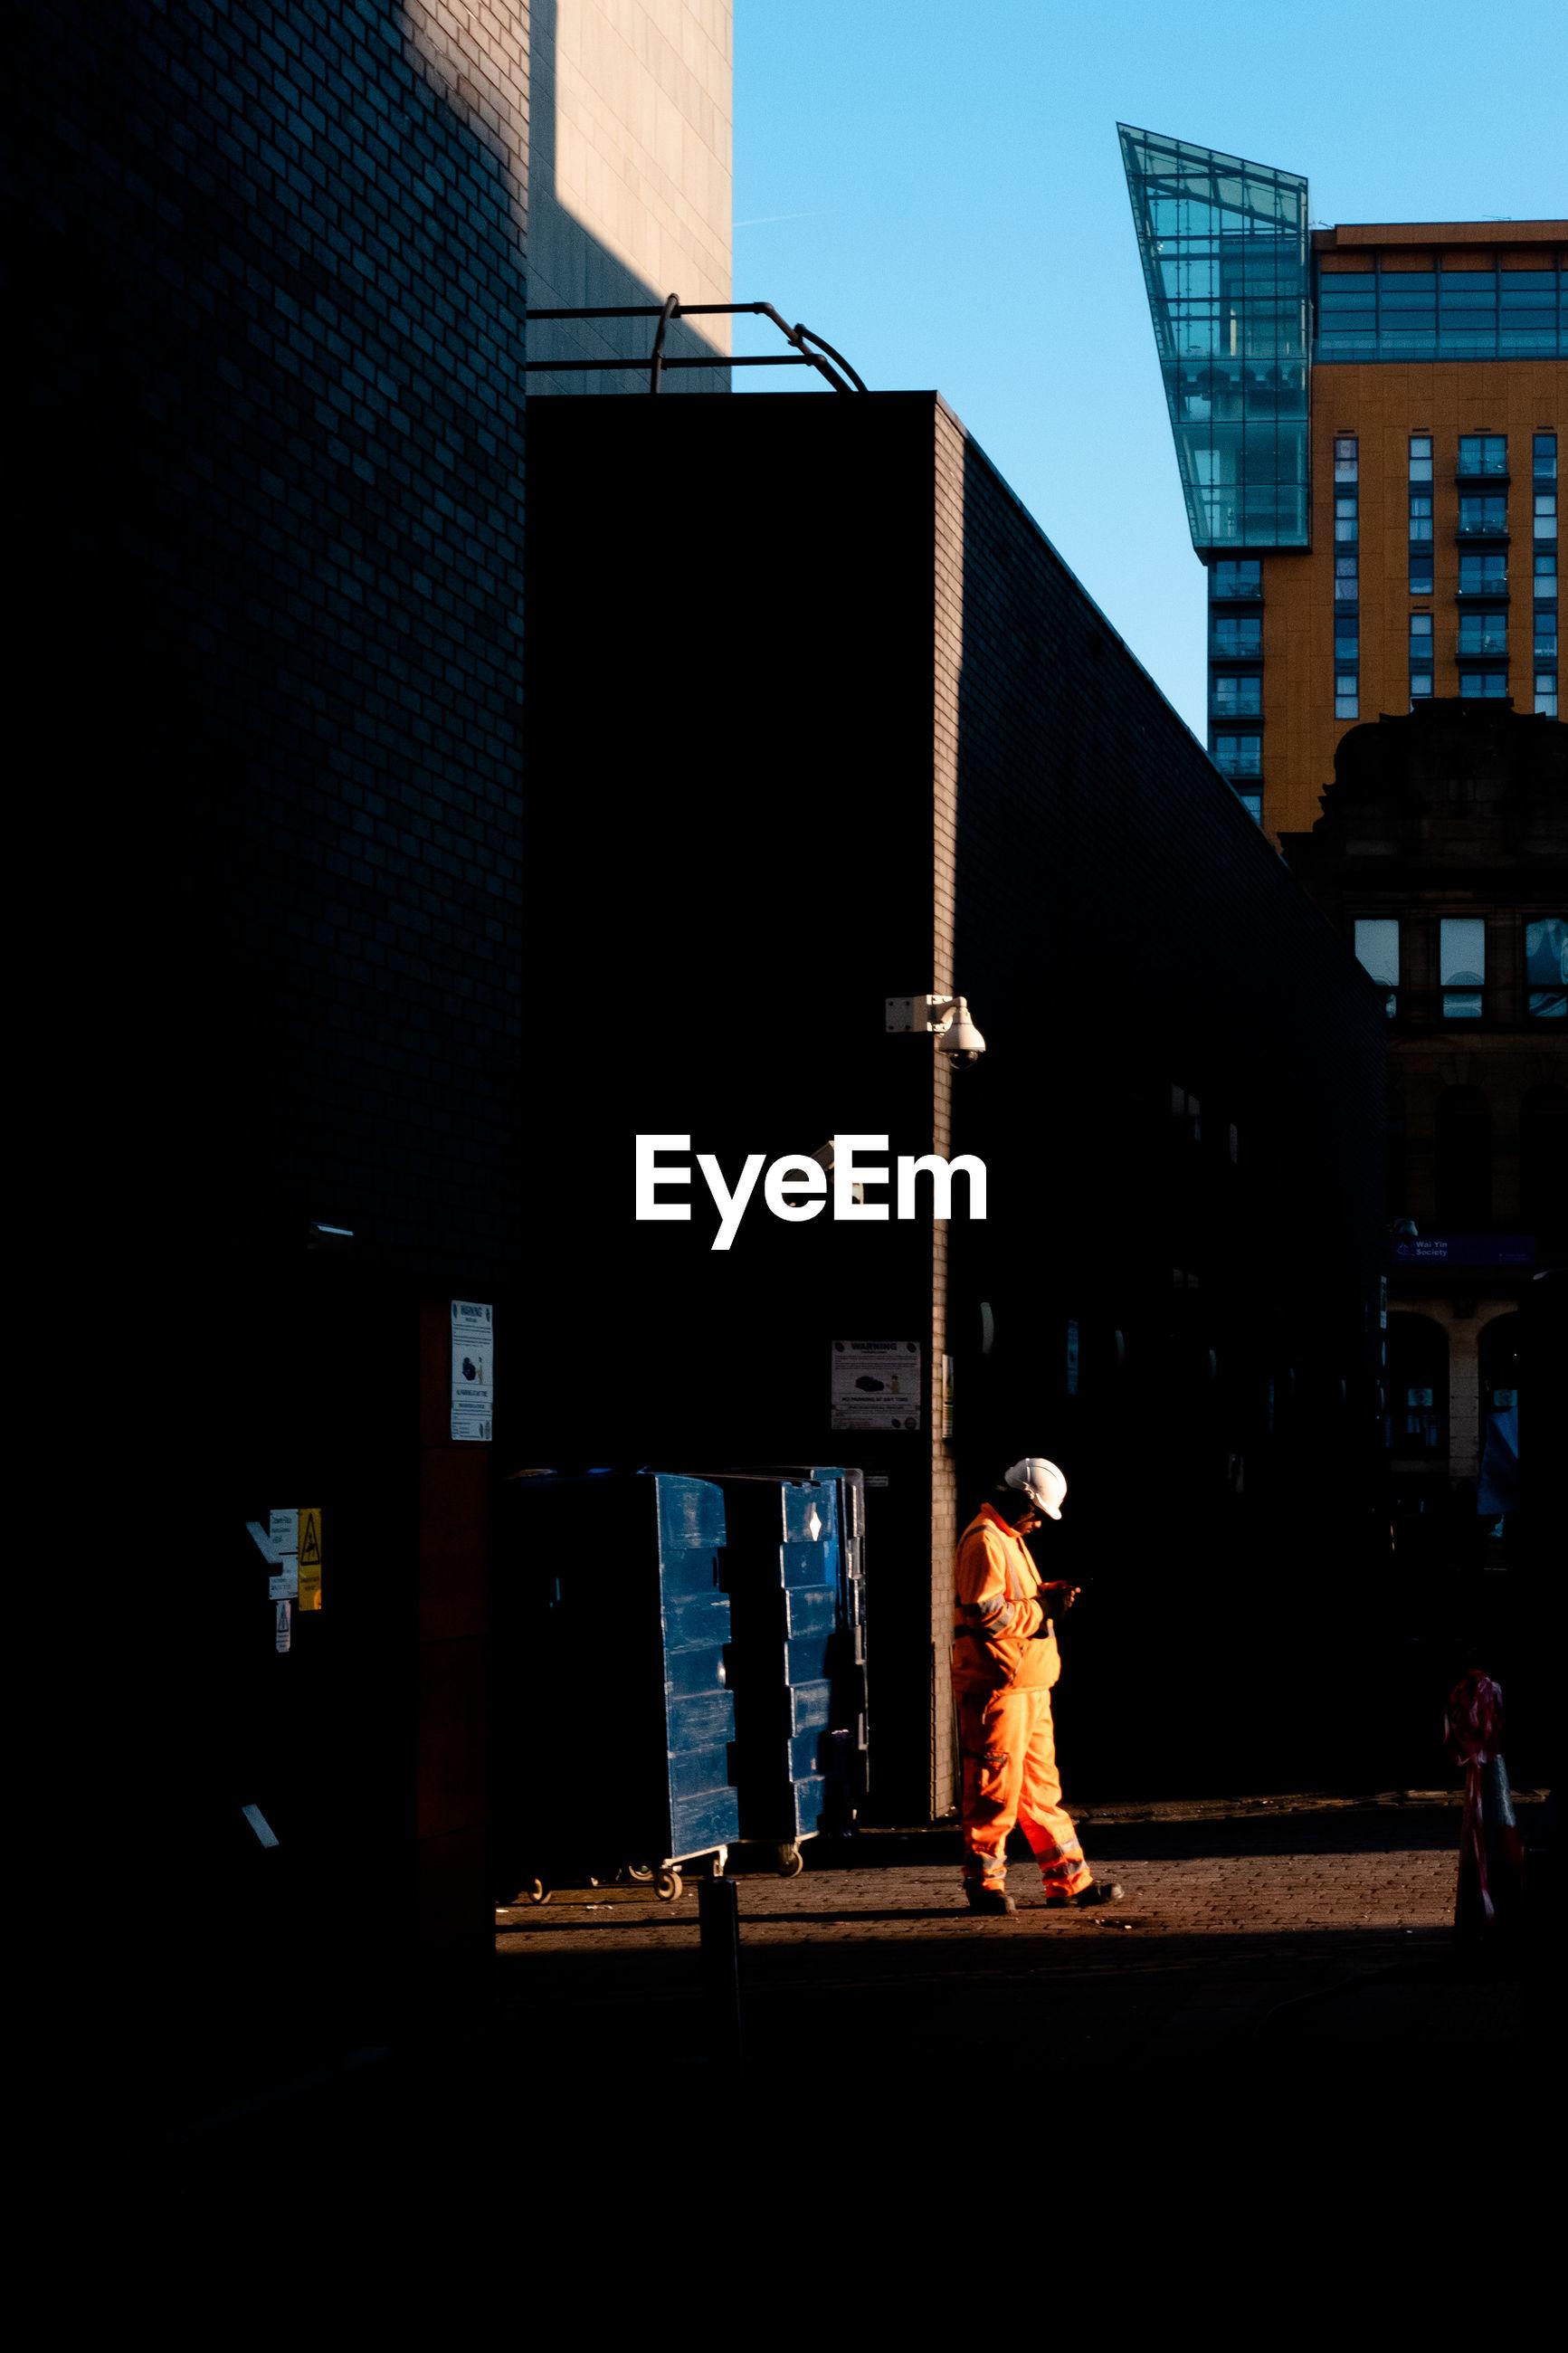 WOMAN WALKING ON STREET AGAINST BUILDINGS IN CITY